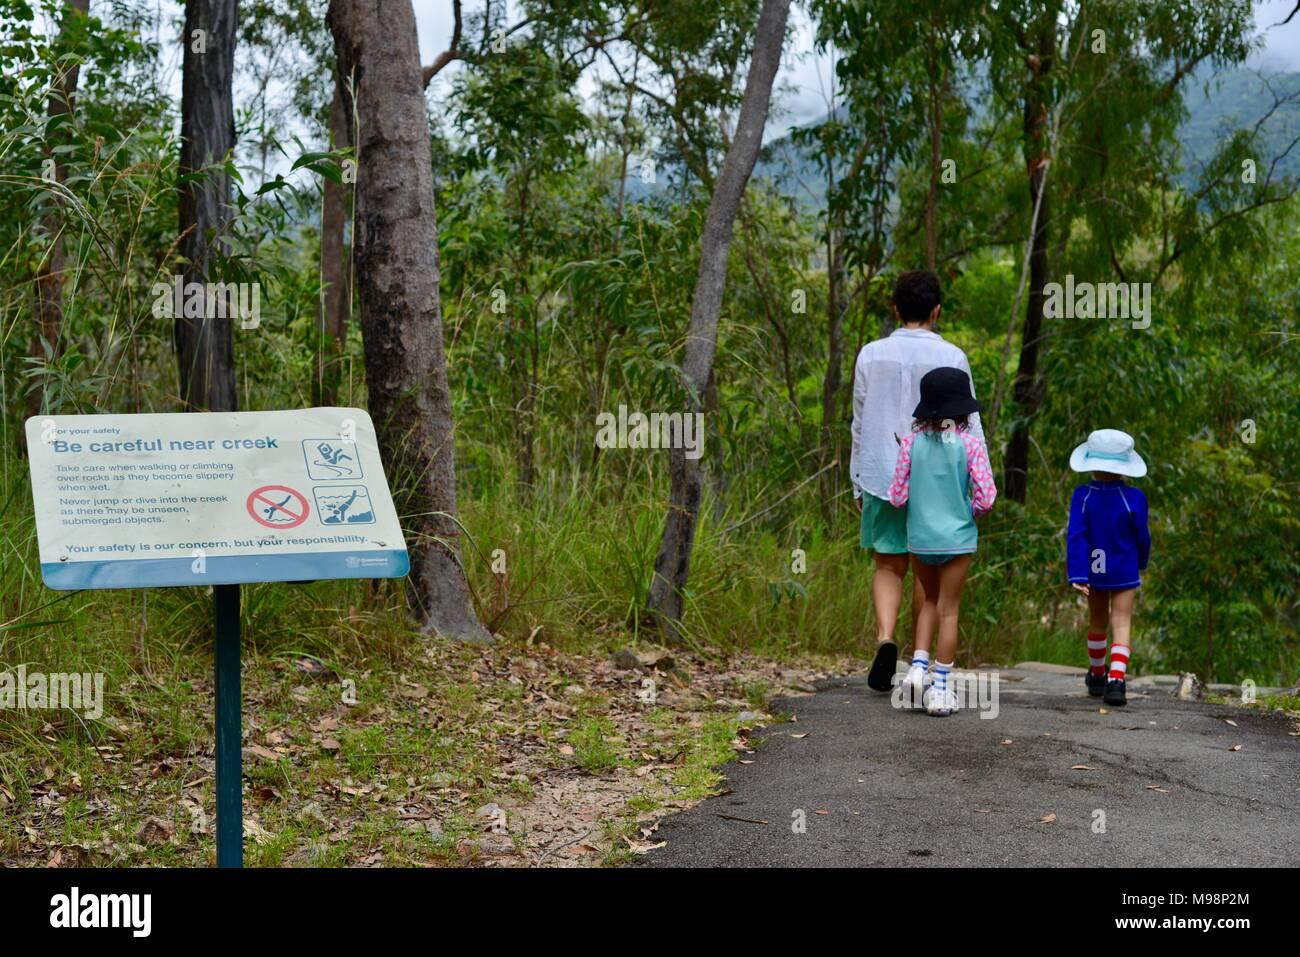 Tenga cuidado cerca de Creek, ningún signo de reloj de buceo de rocas en paradise waterhole en Big Creek Crystal QLD, parque nacional Paluma, Australia Imagen De Stock